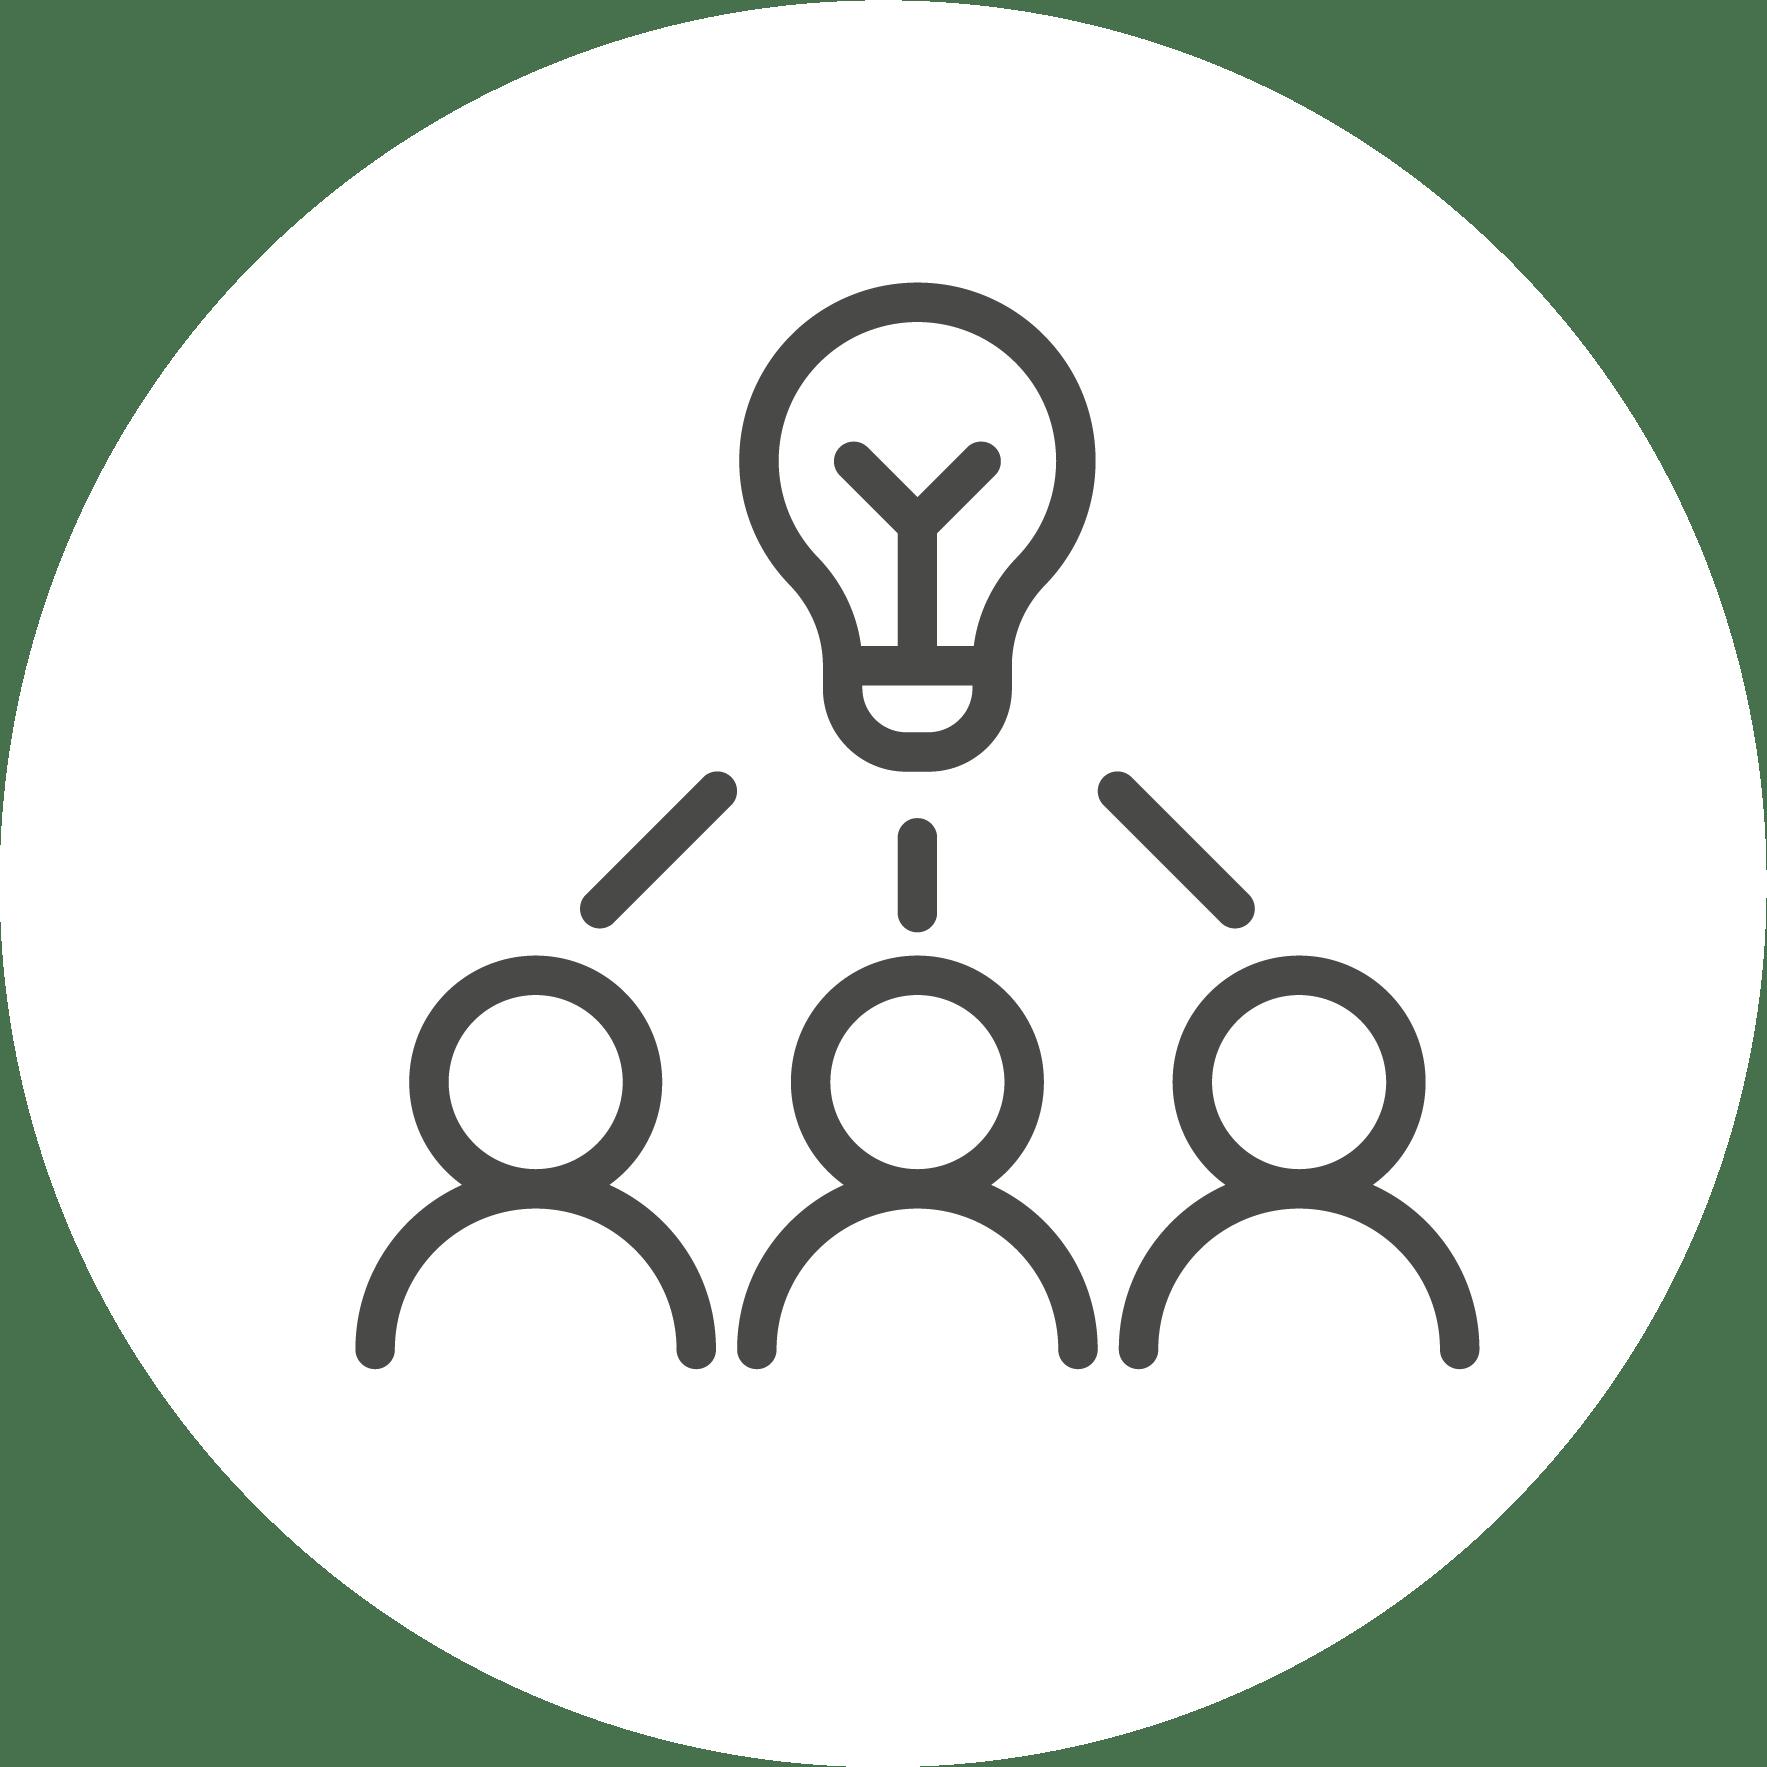 StrategicPlay Co kreativ Idea Icon